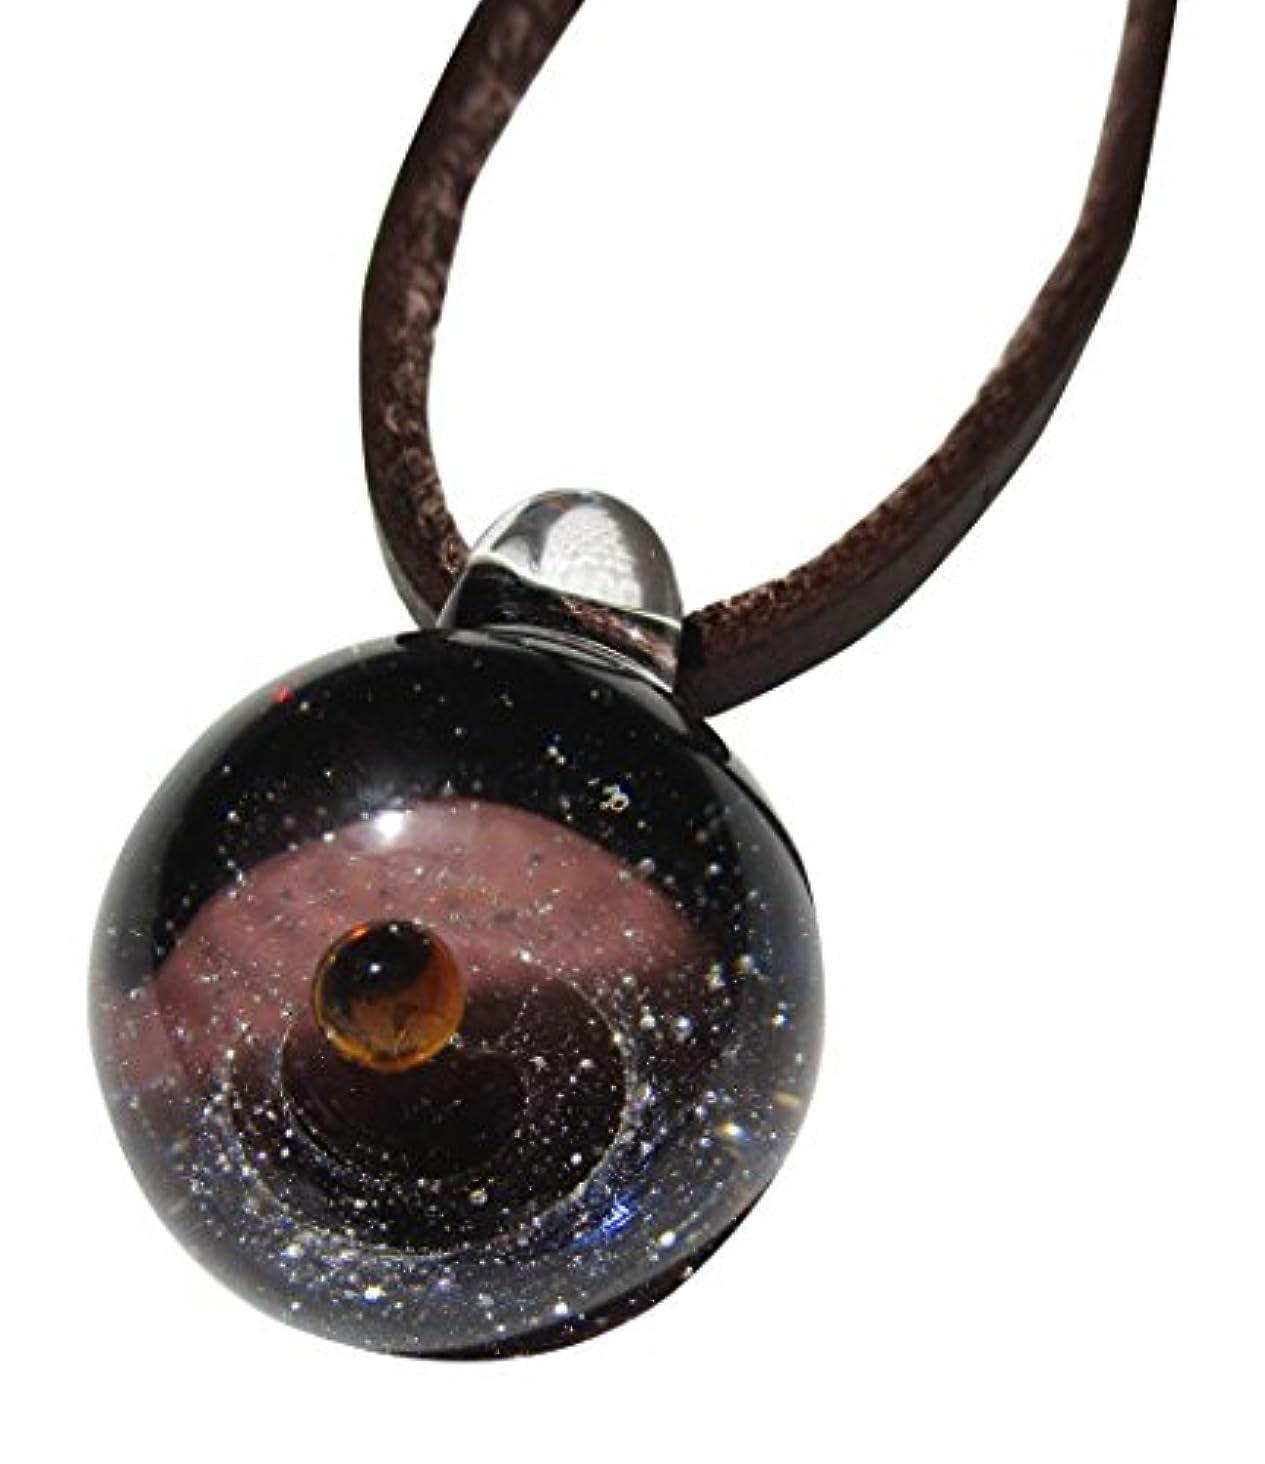 主張するパースブラックボロウ才能のある銀河ガラス パープル ゴールドラウンド DW1191